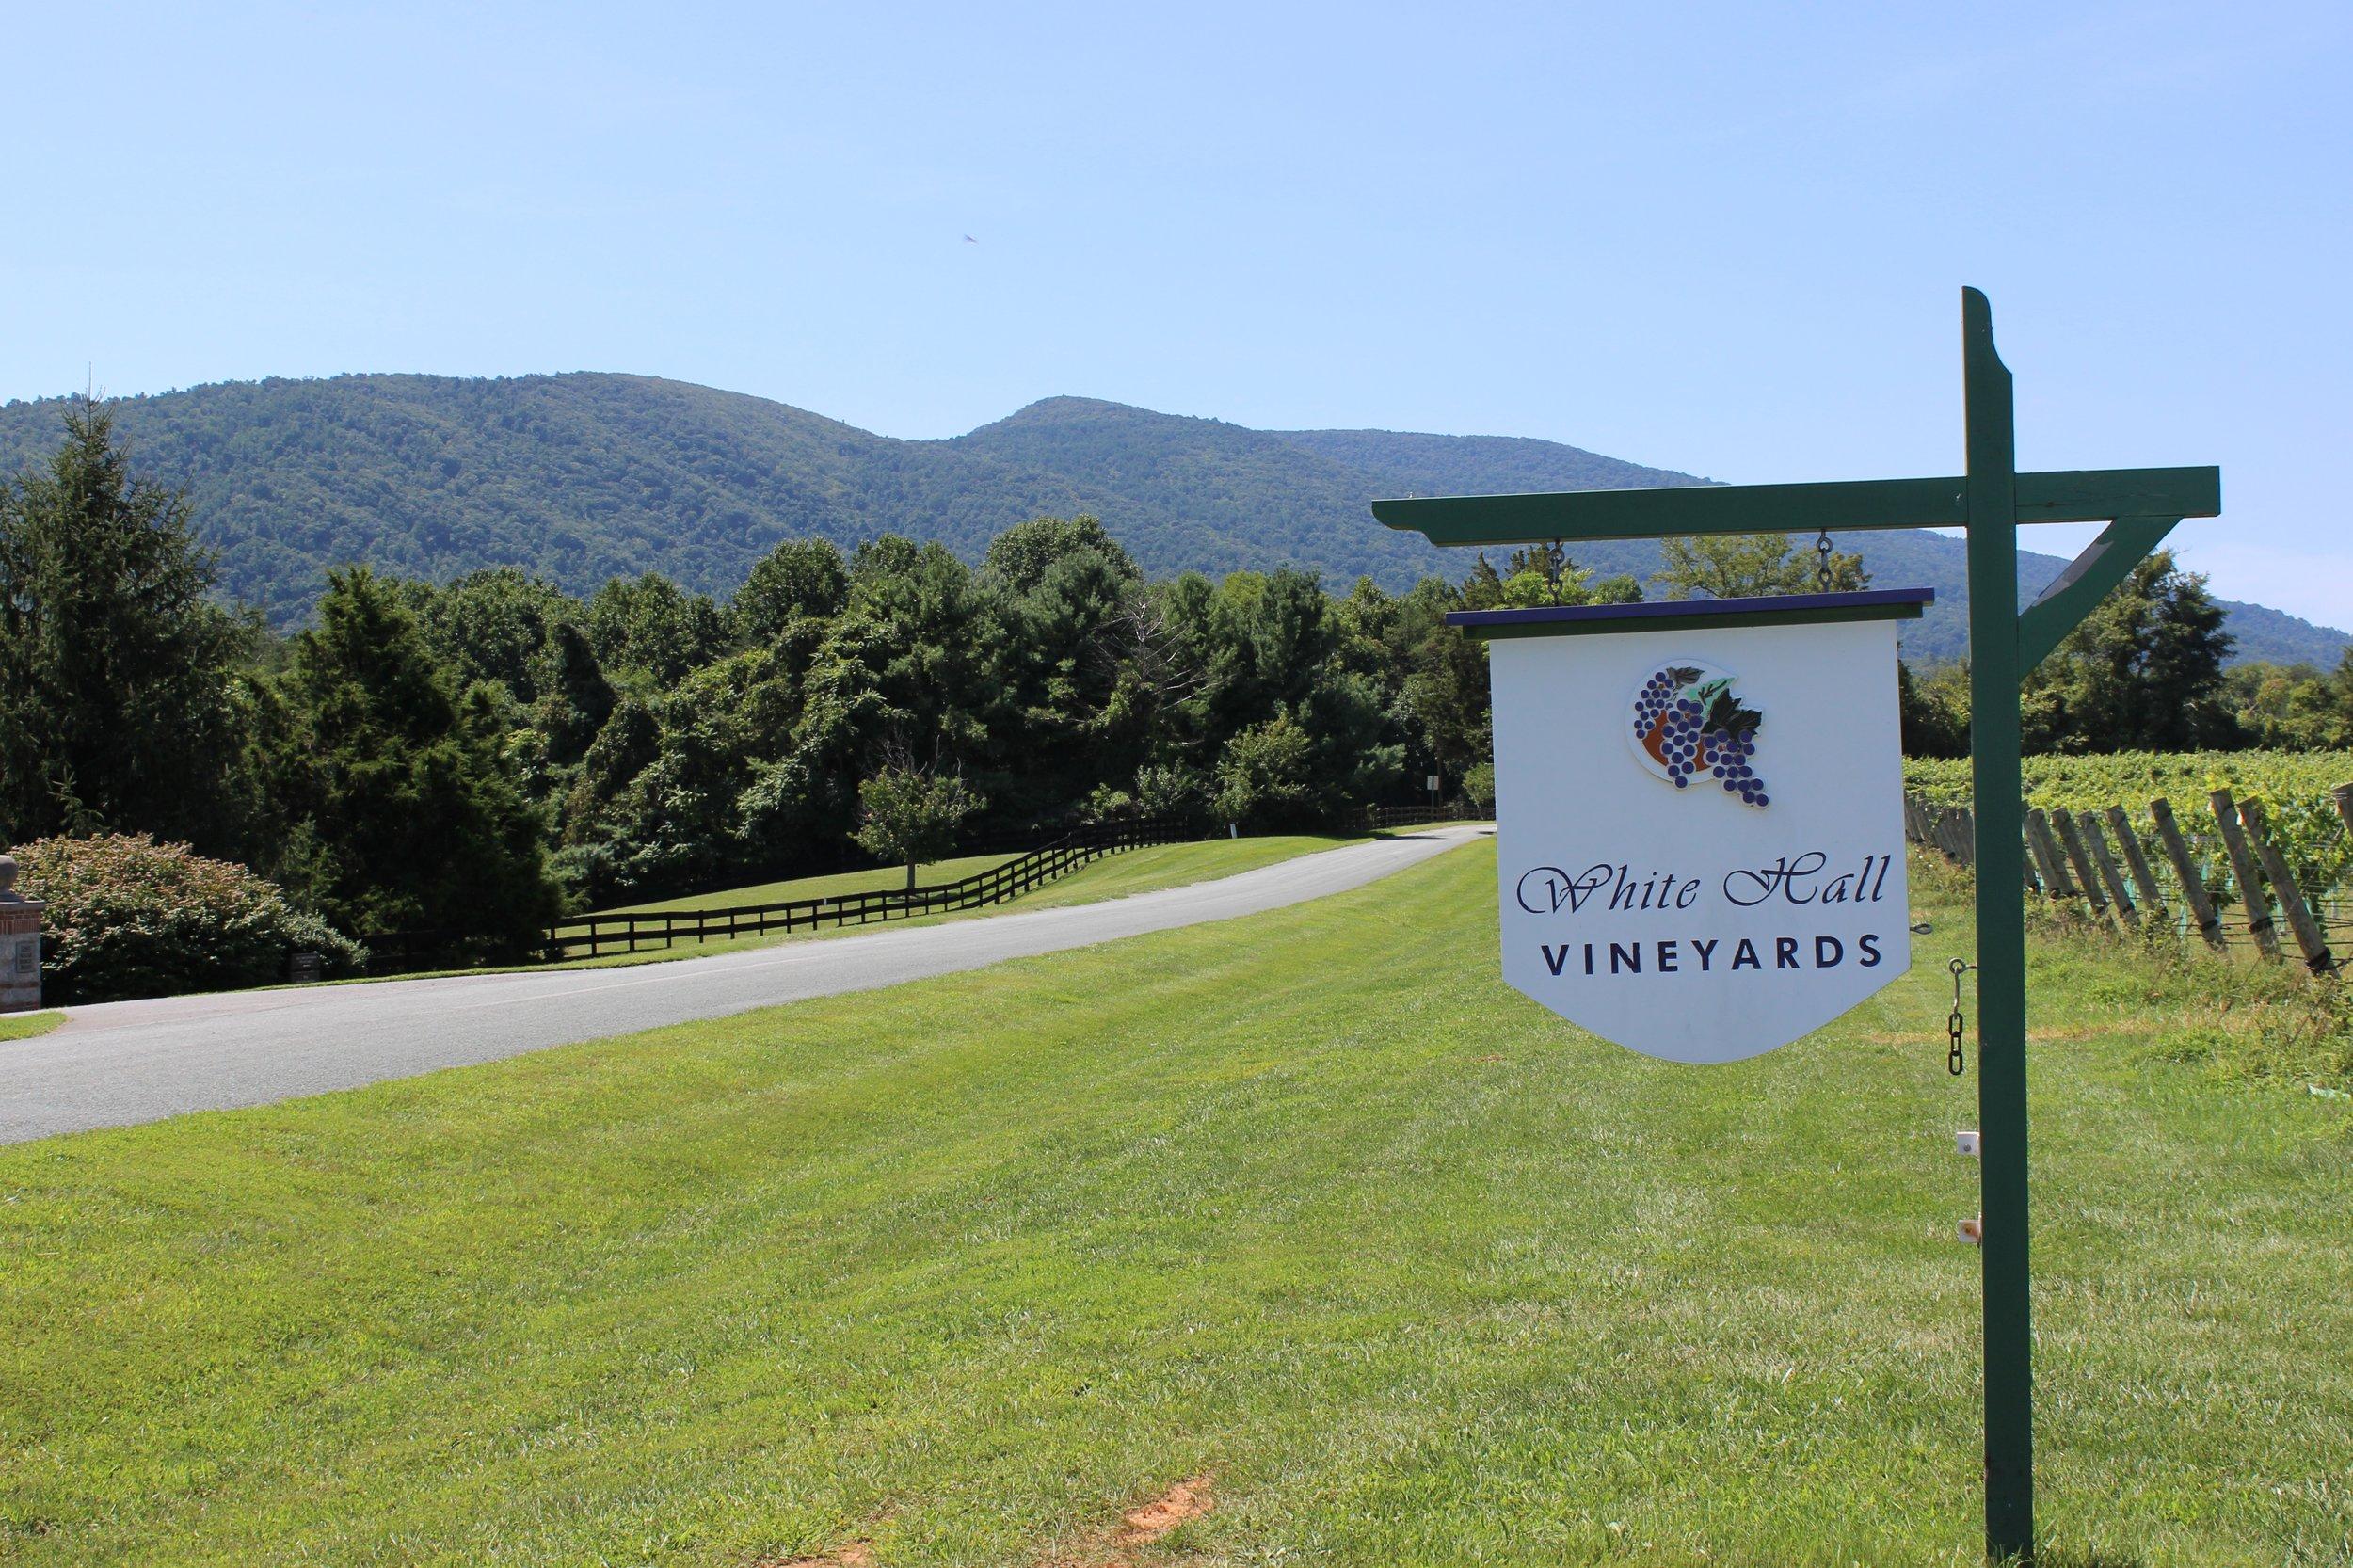 White Hall Vineyards